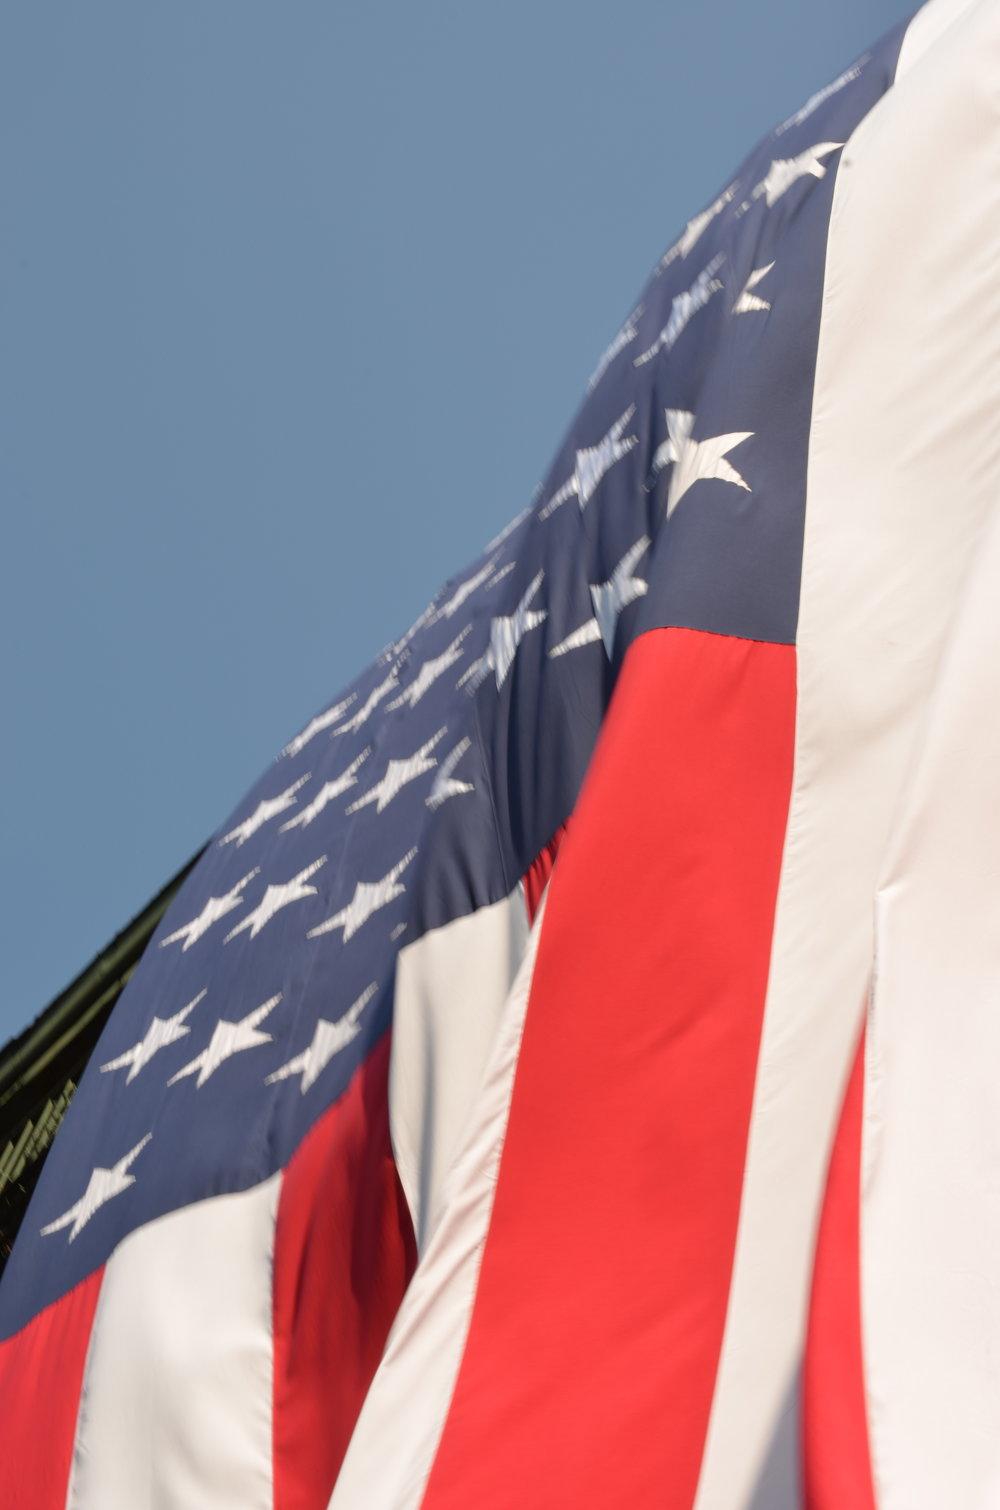 Flag Lowering 9.22.2012 067.jpg